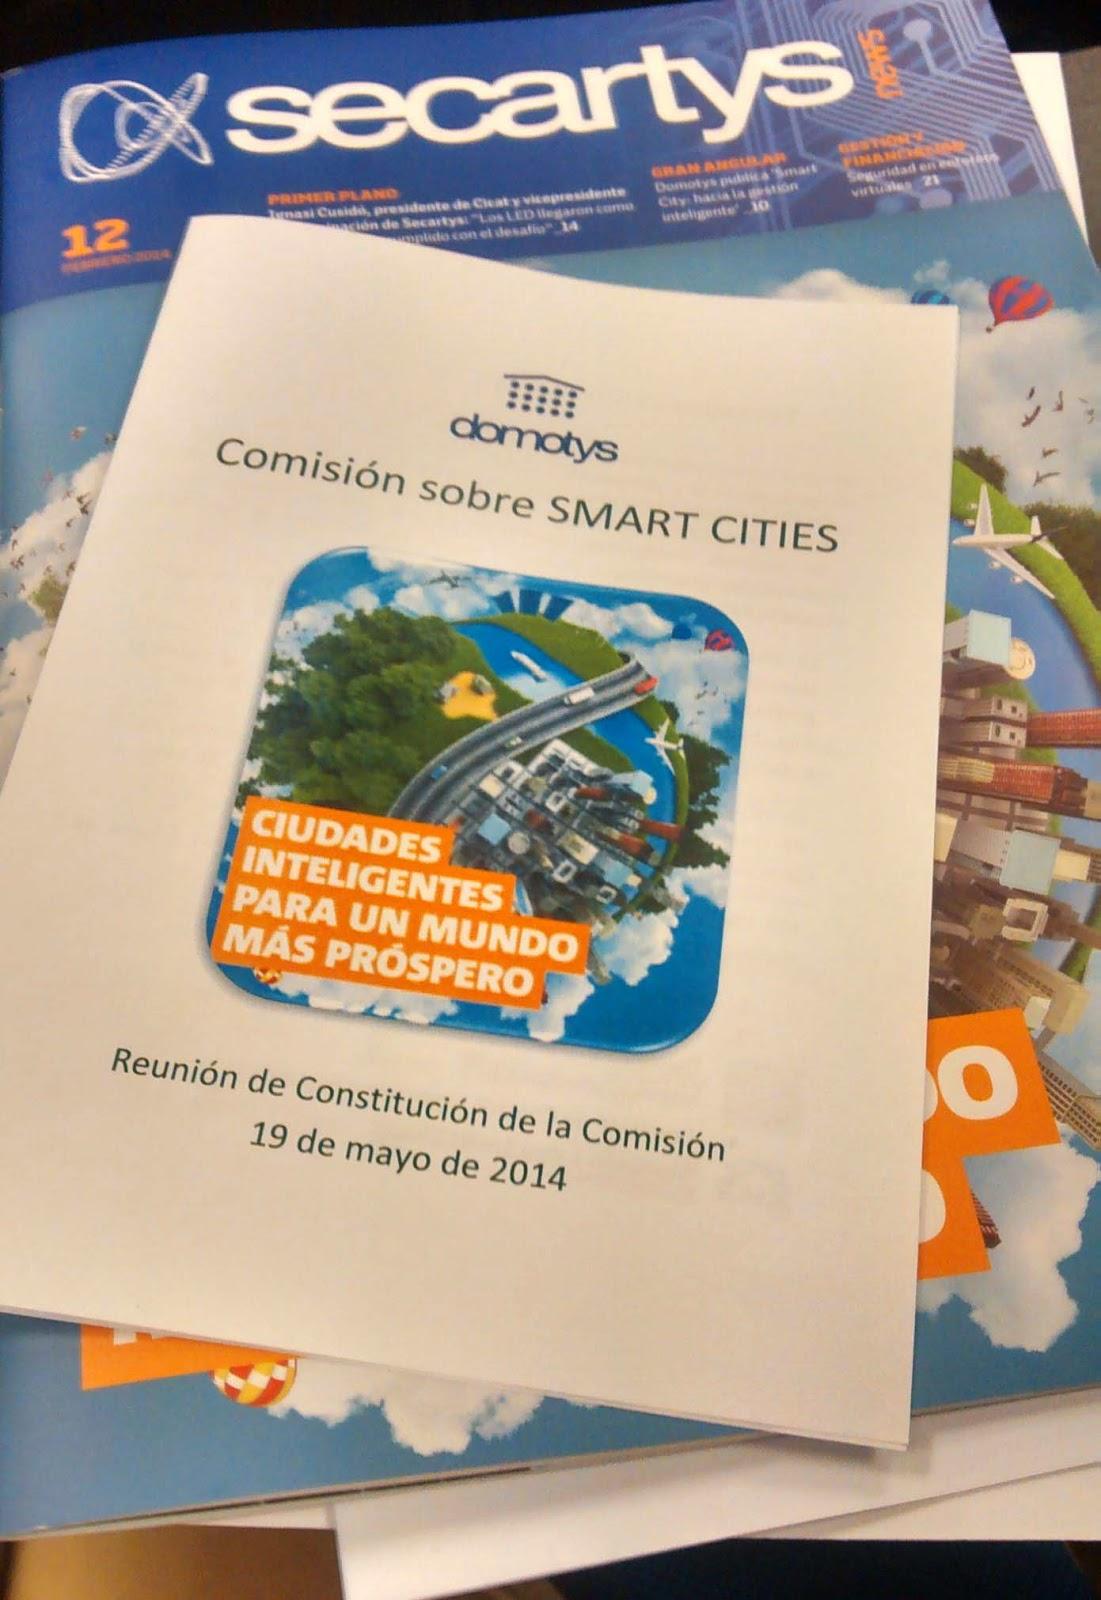 Secartys Smart Cities